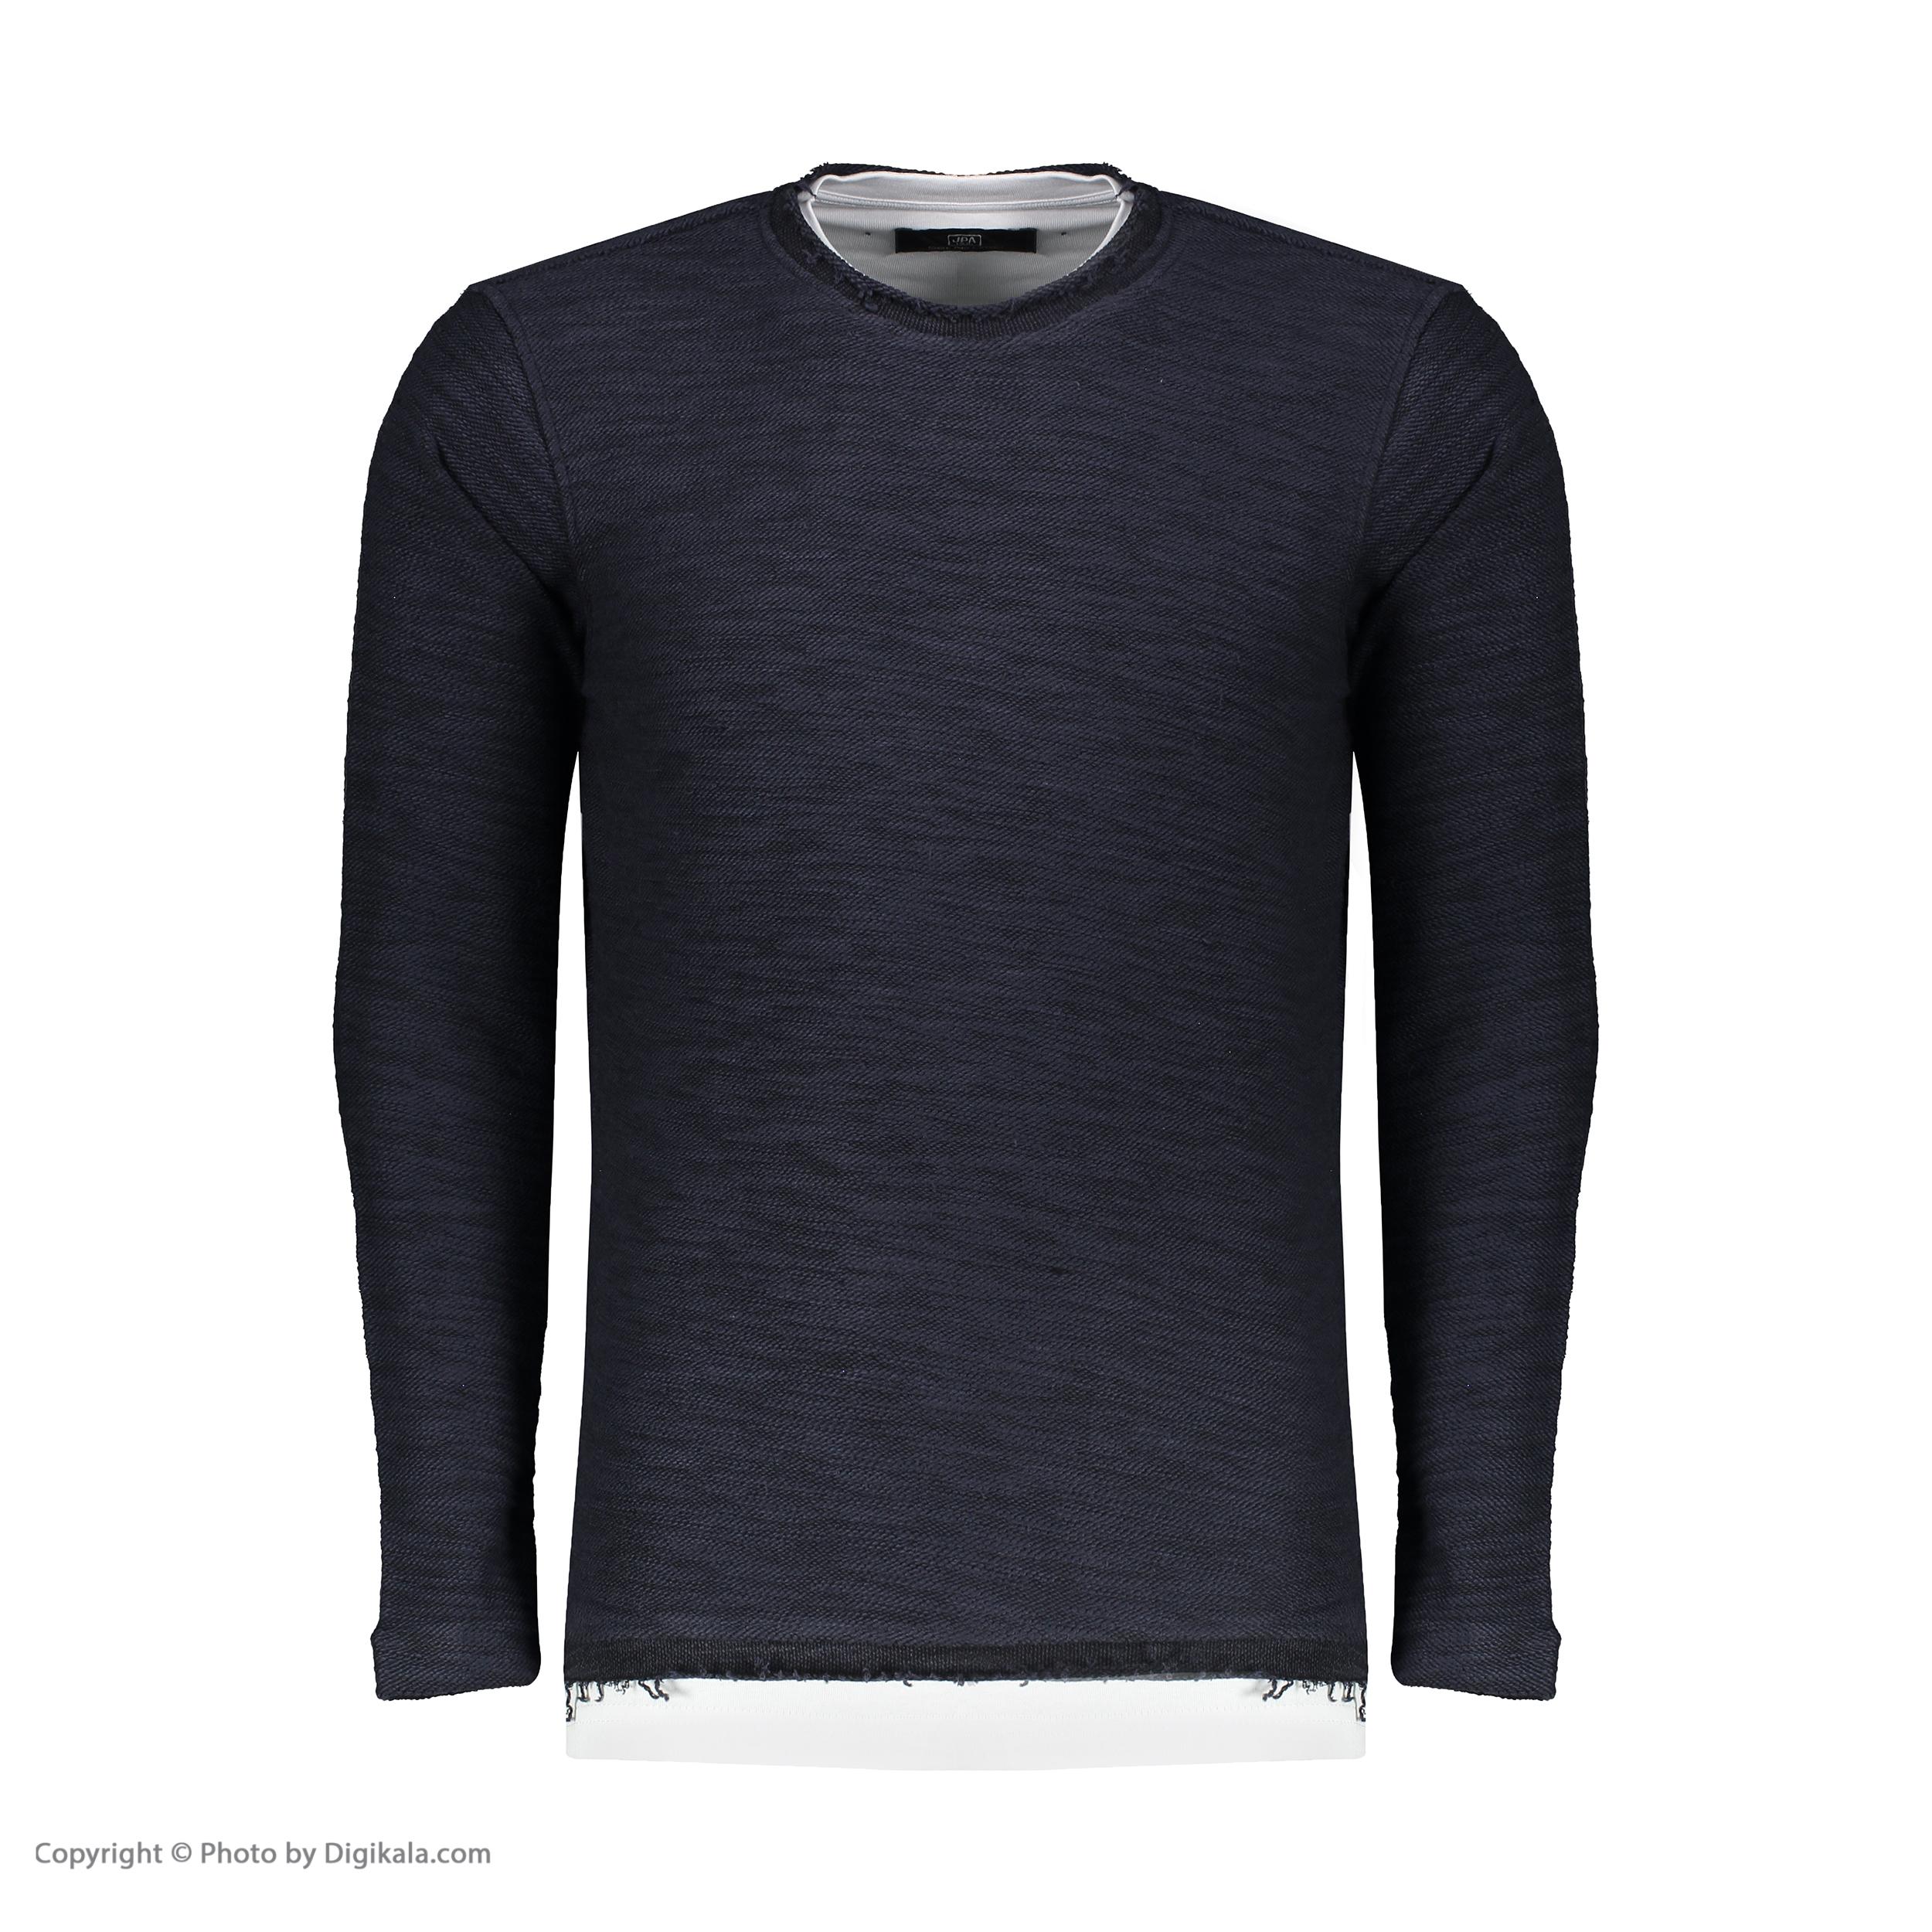 پلیور مردانه جامه پوش آرا مدل ۴۵۶۱۰۱۹۱۰۵-۵۹